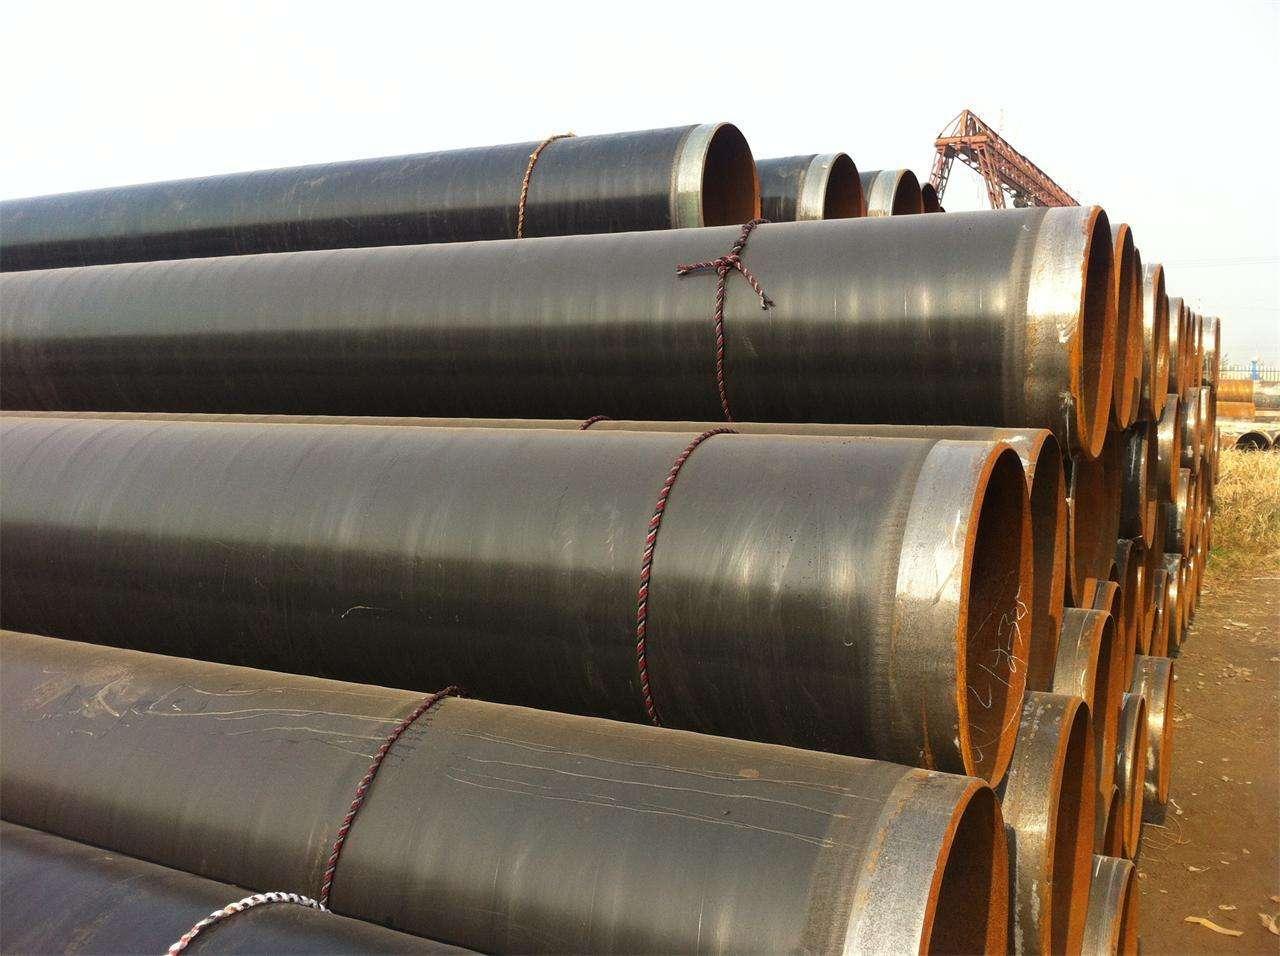 无缝钢管俩端焊接法兰厂家-德阳中江